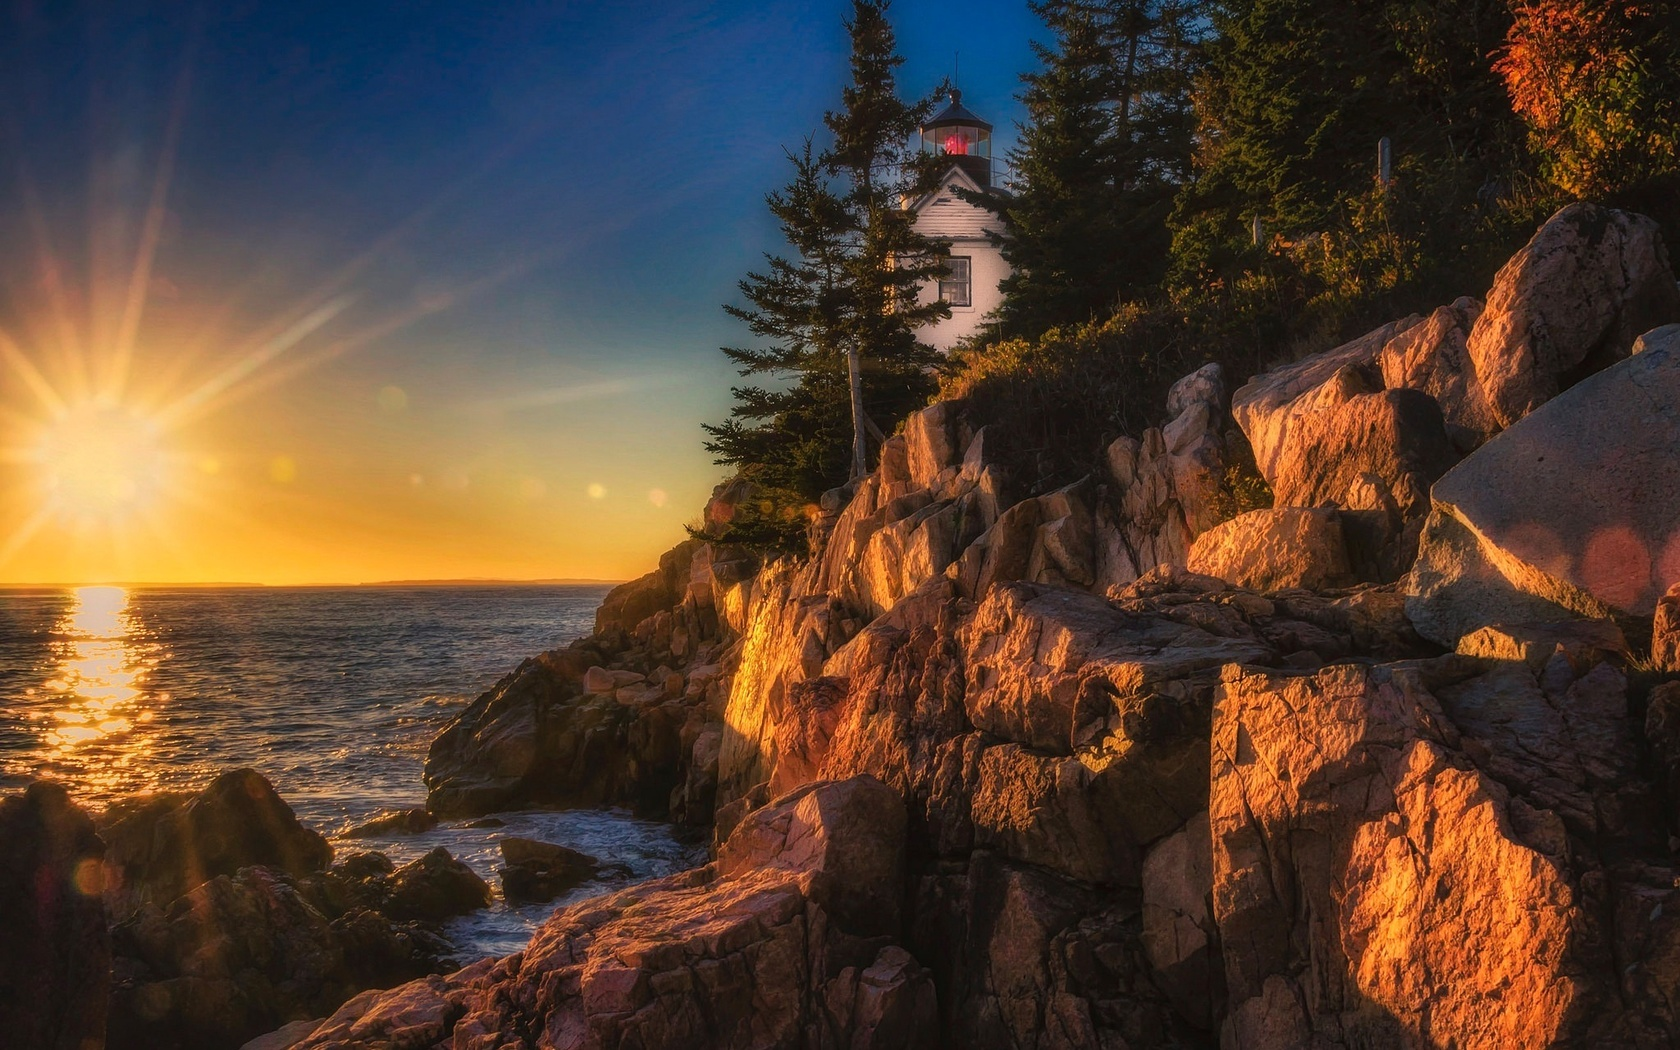 сша, остров, маунт-дезерт, природа, пейзаж, океан, скалы, парк, акадия, маяк, солнце, лучи, закат